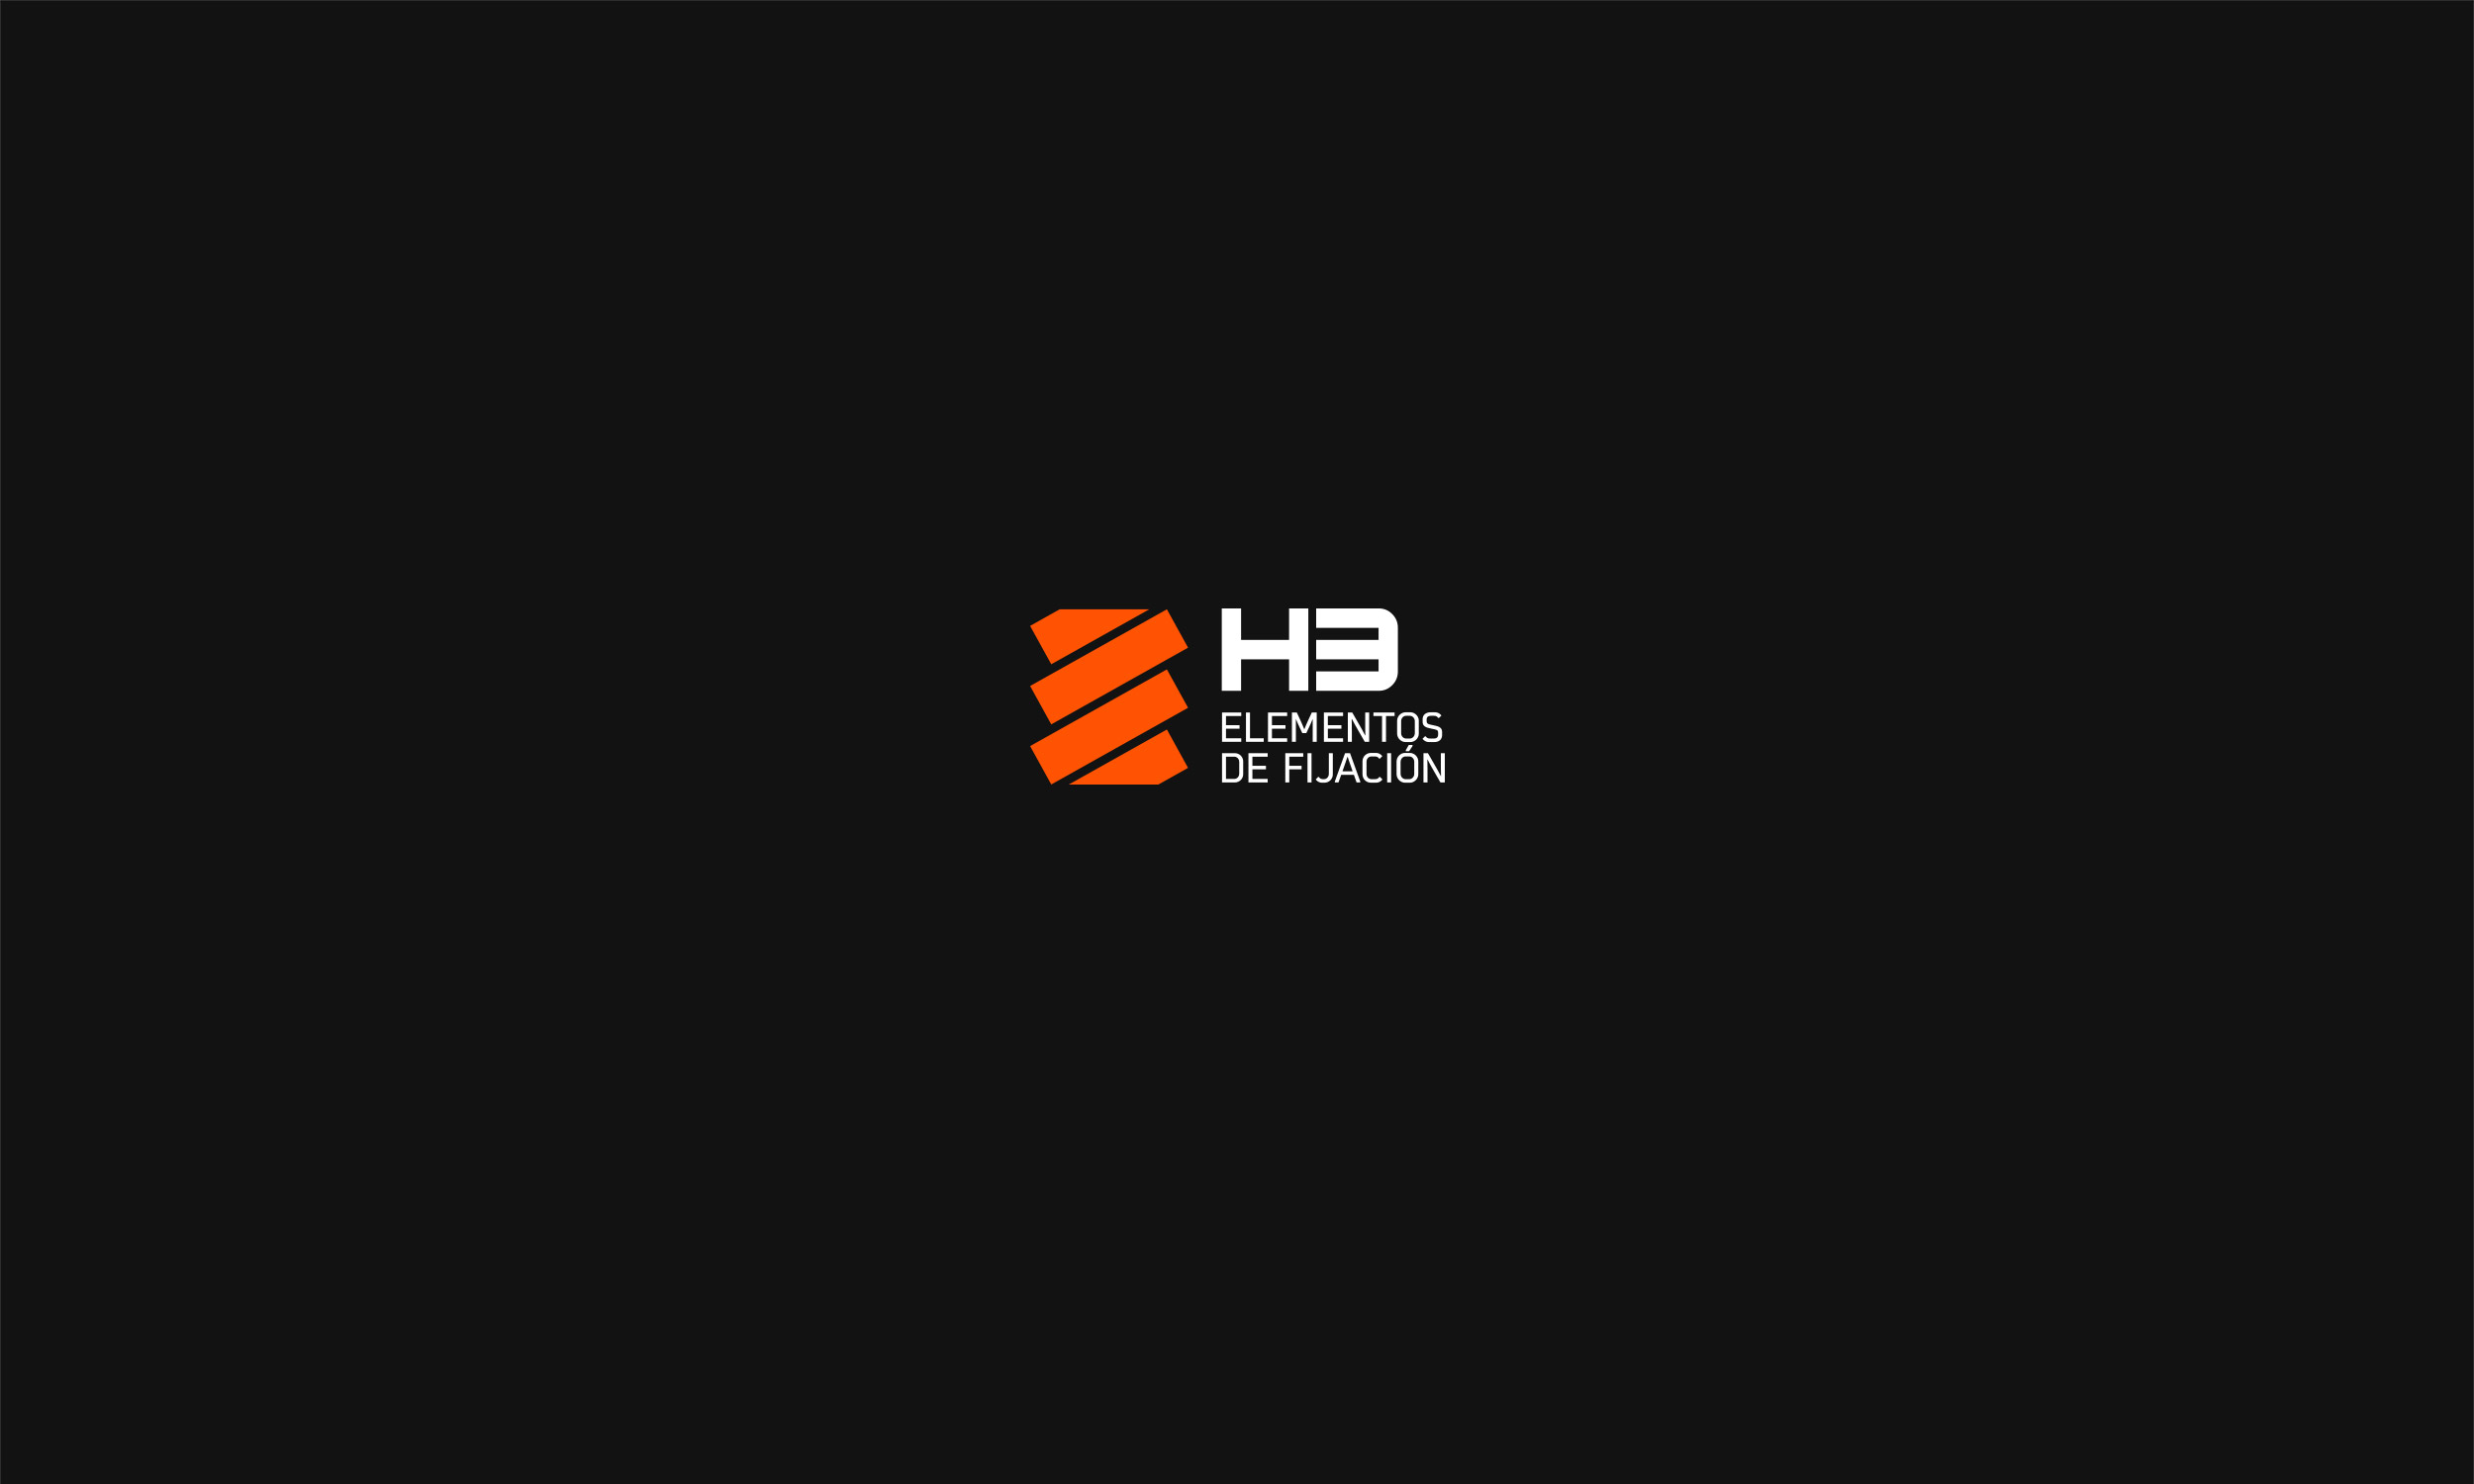 H3-LOGO